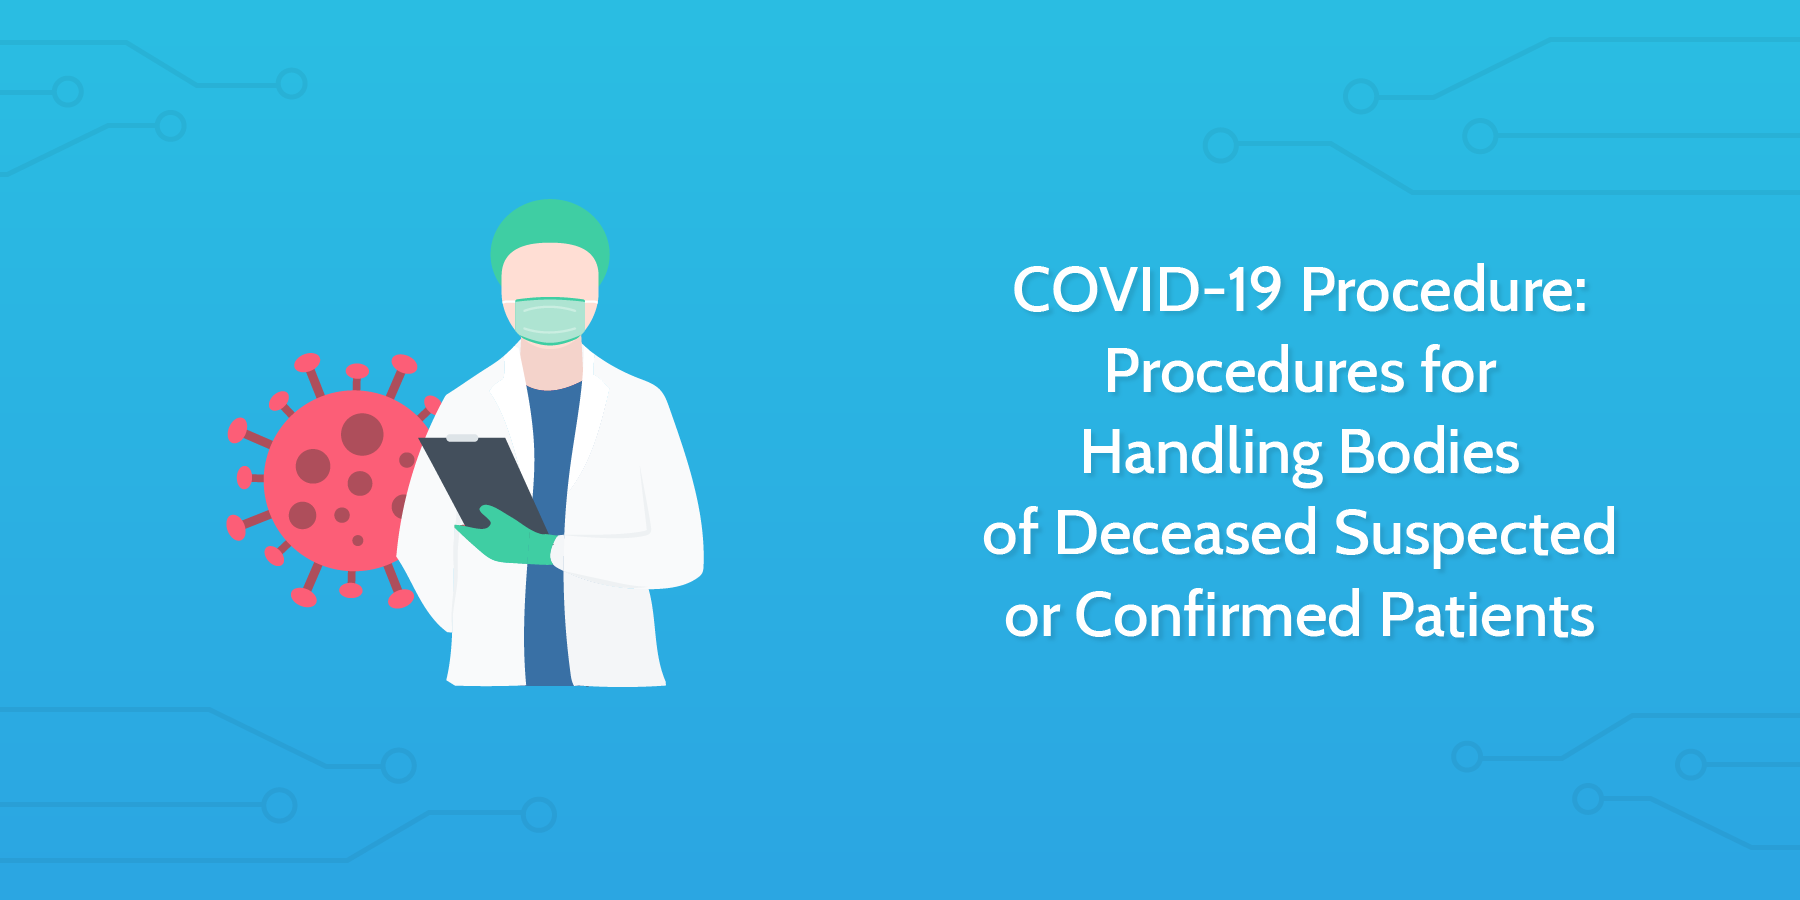 COVID-19 Procedure: Procedures for Handling Bodies of Deceased Suspected or Confirmed Patients